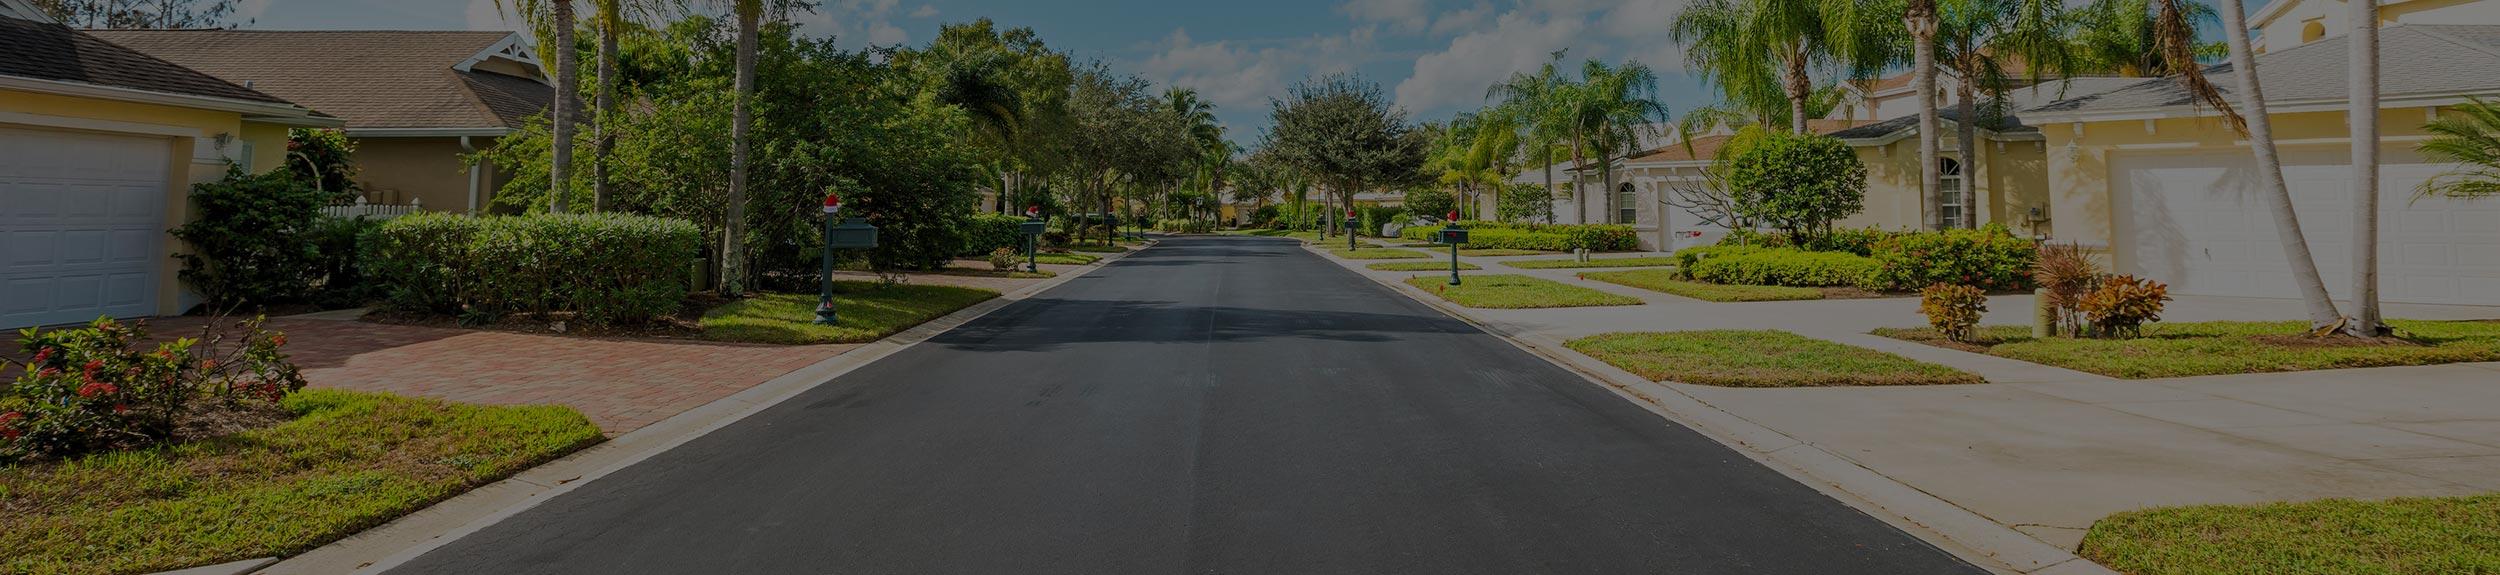 Naples Florida Community Paving - Collier Paving & Concrete